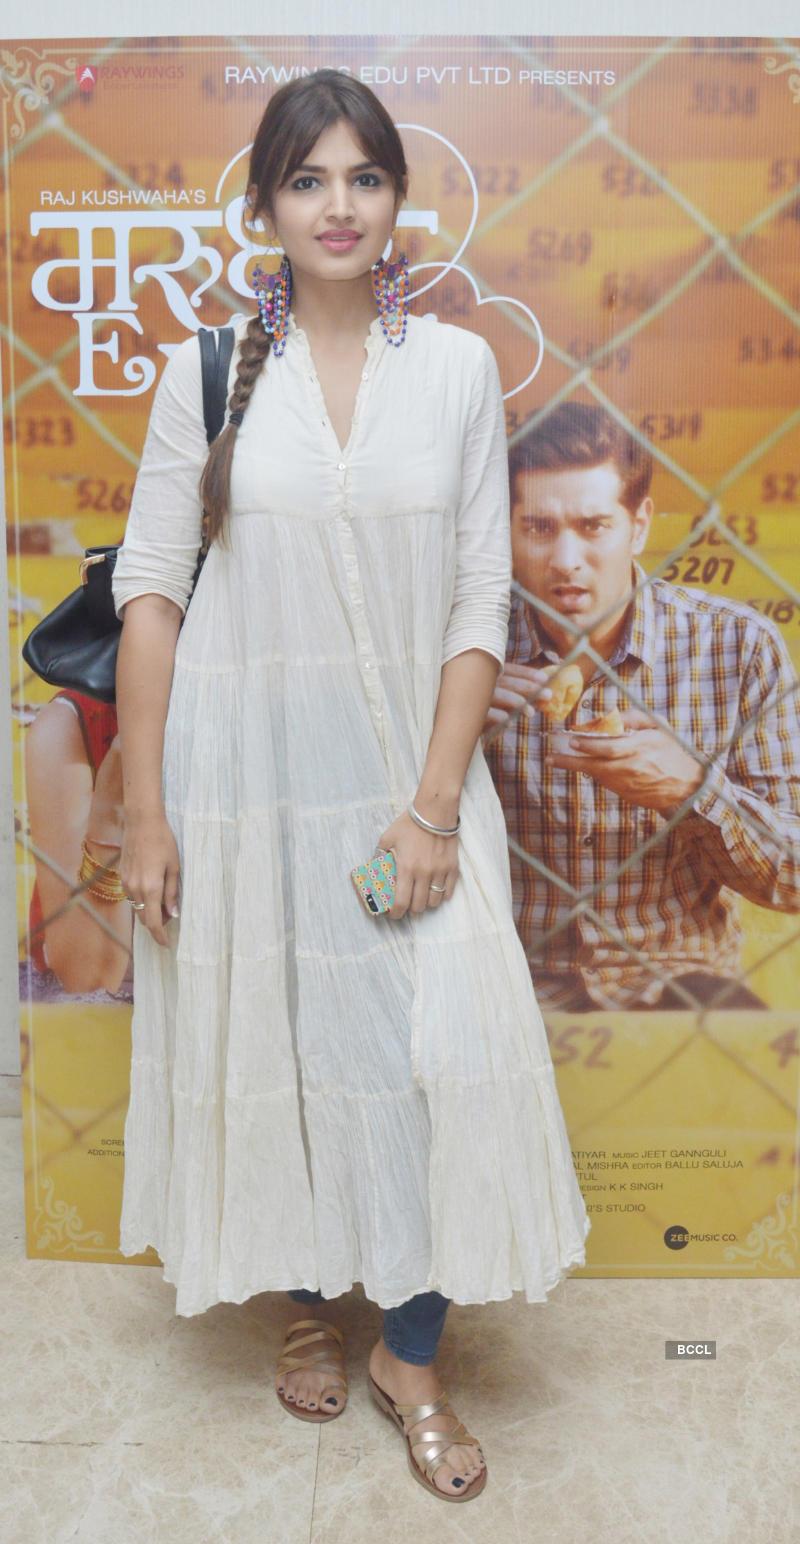 Marudhar Express: Trailer launch